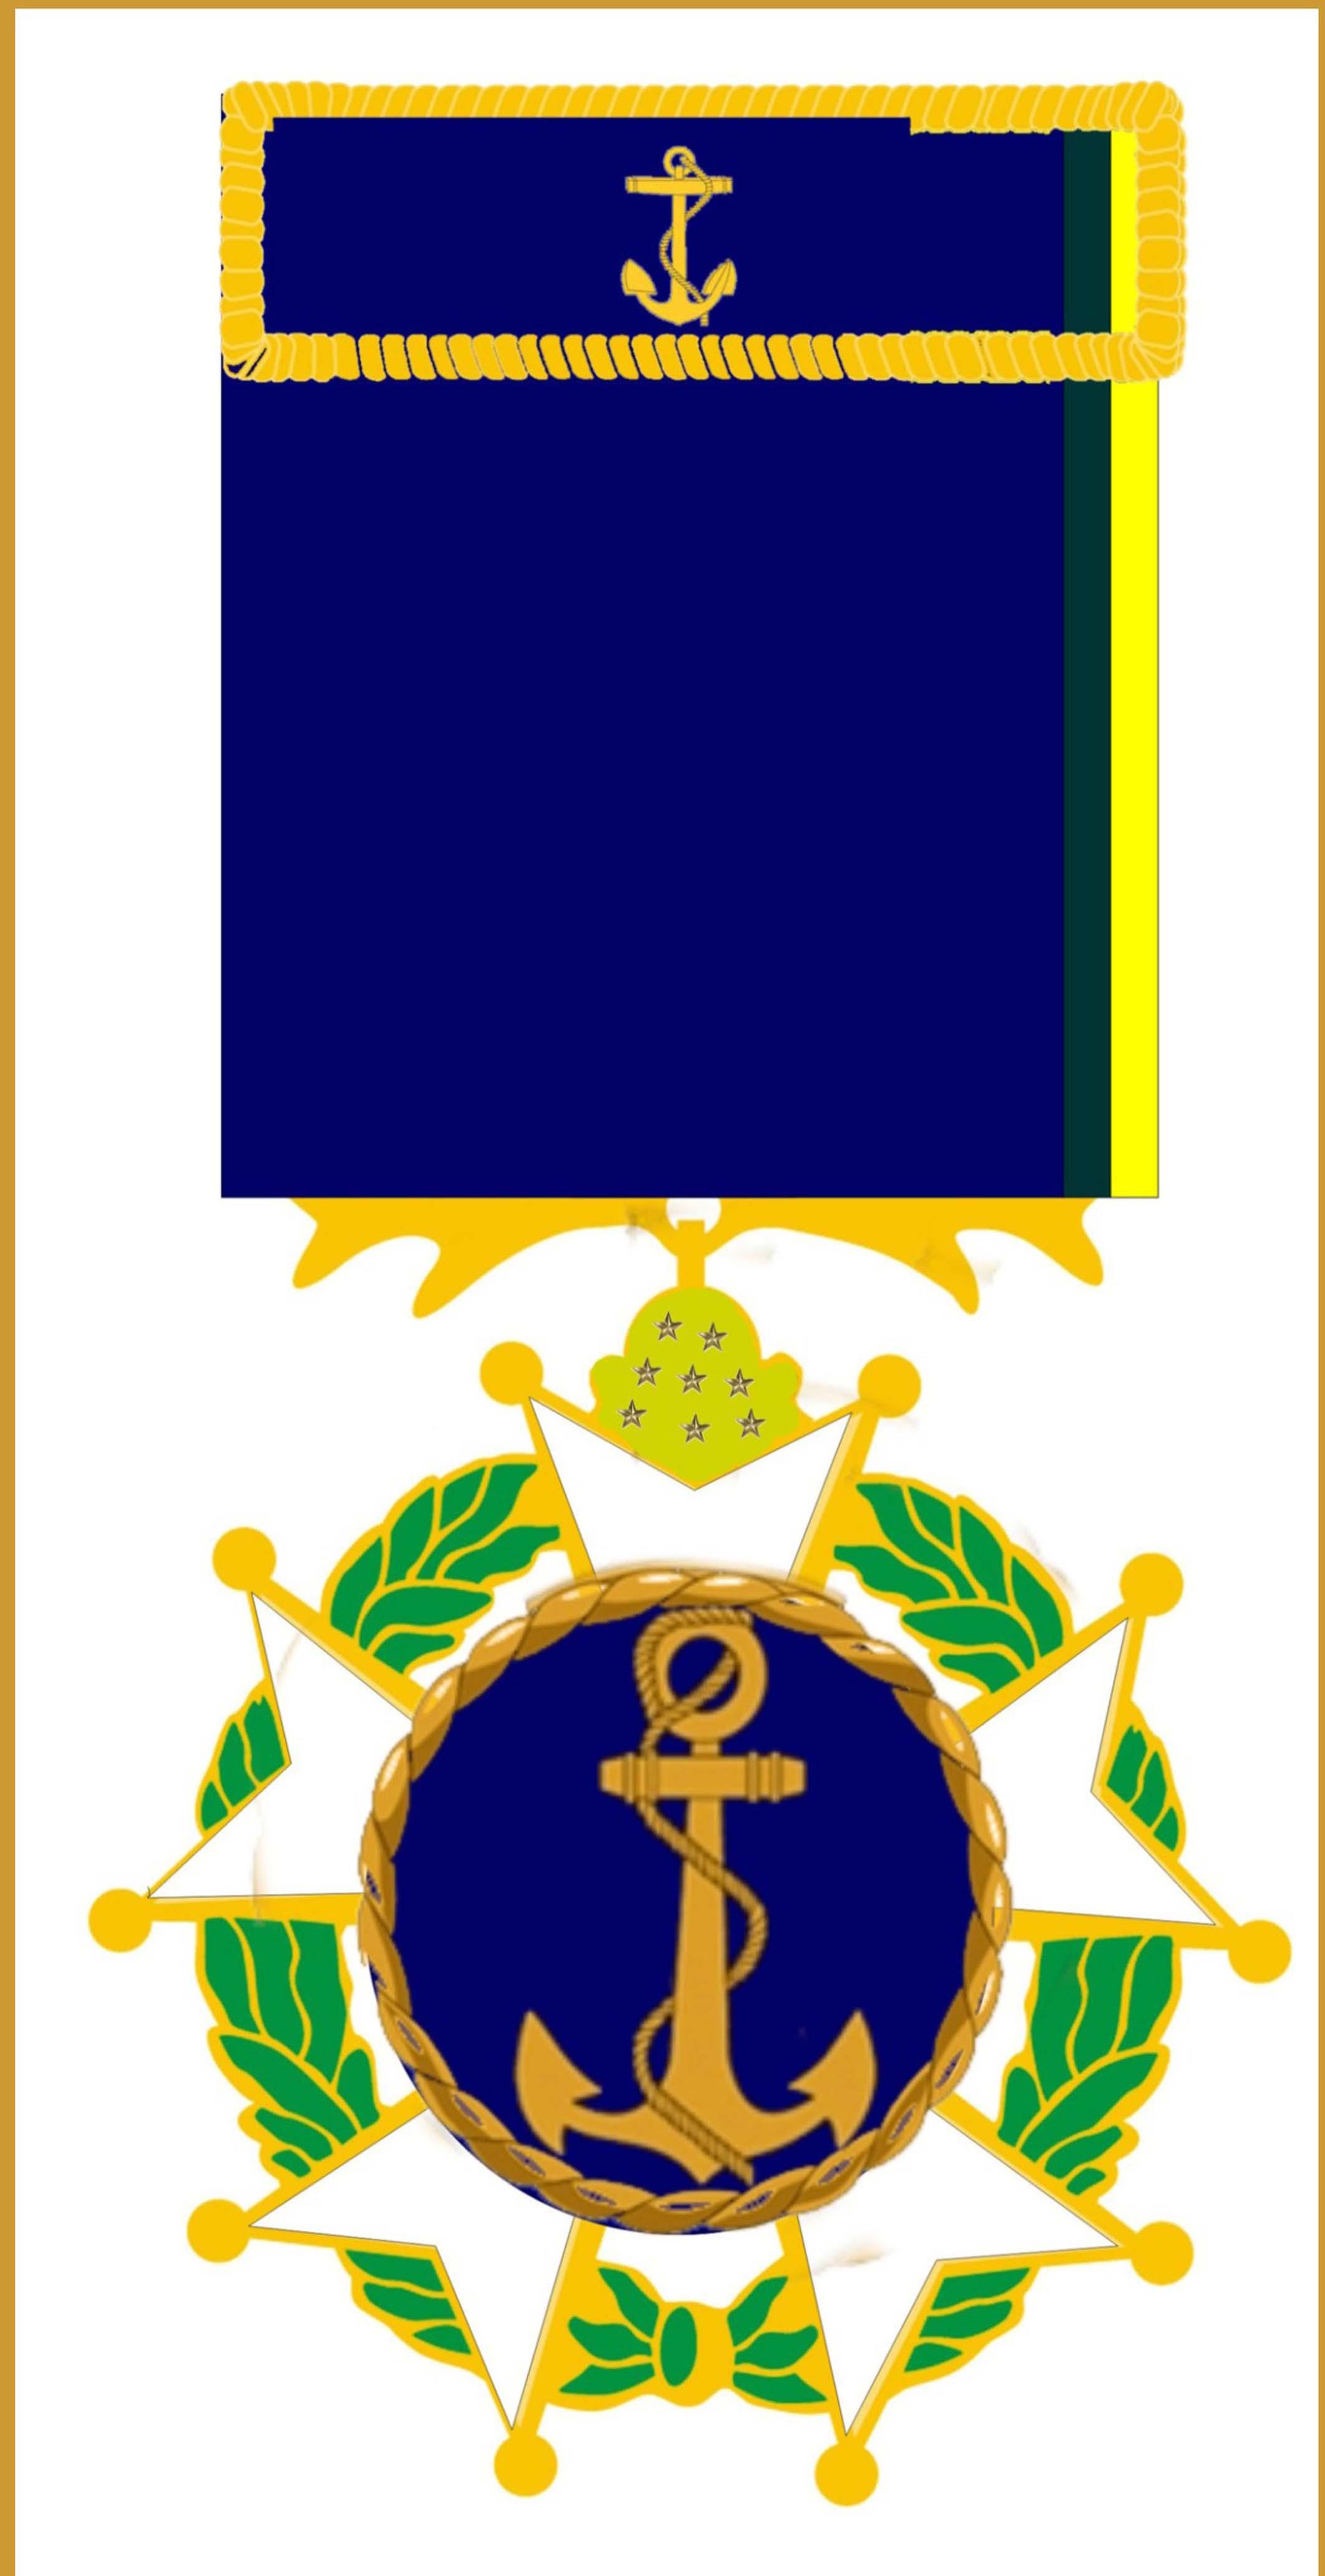 1 - Medalha do Mérito da Força Naval